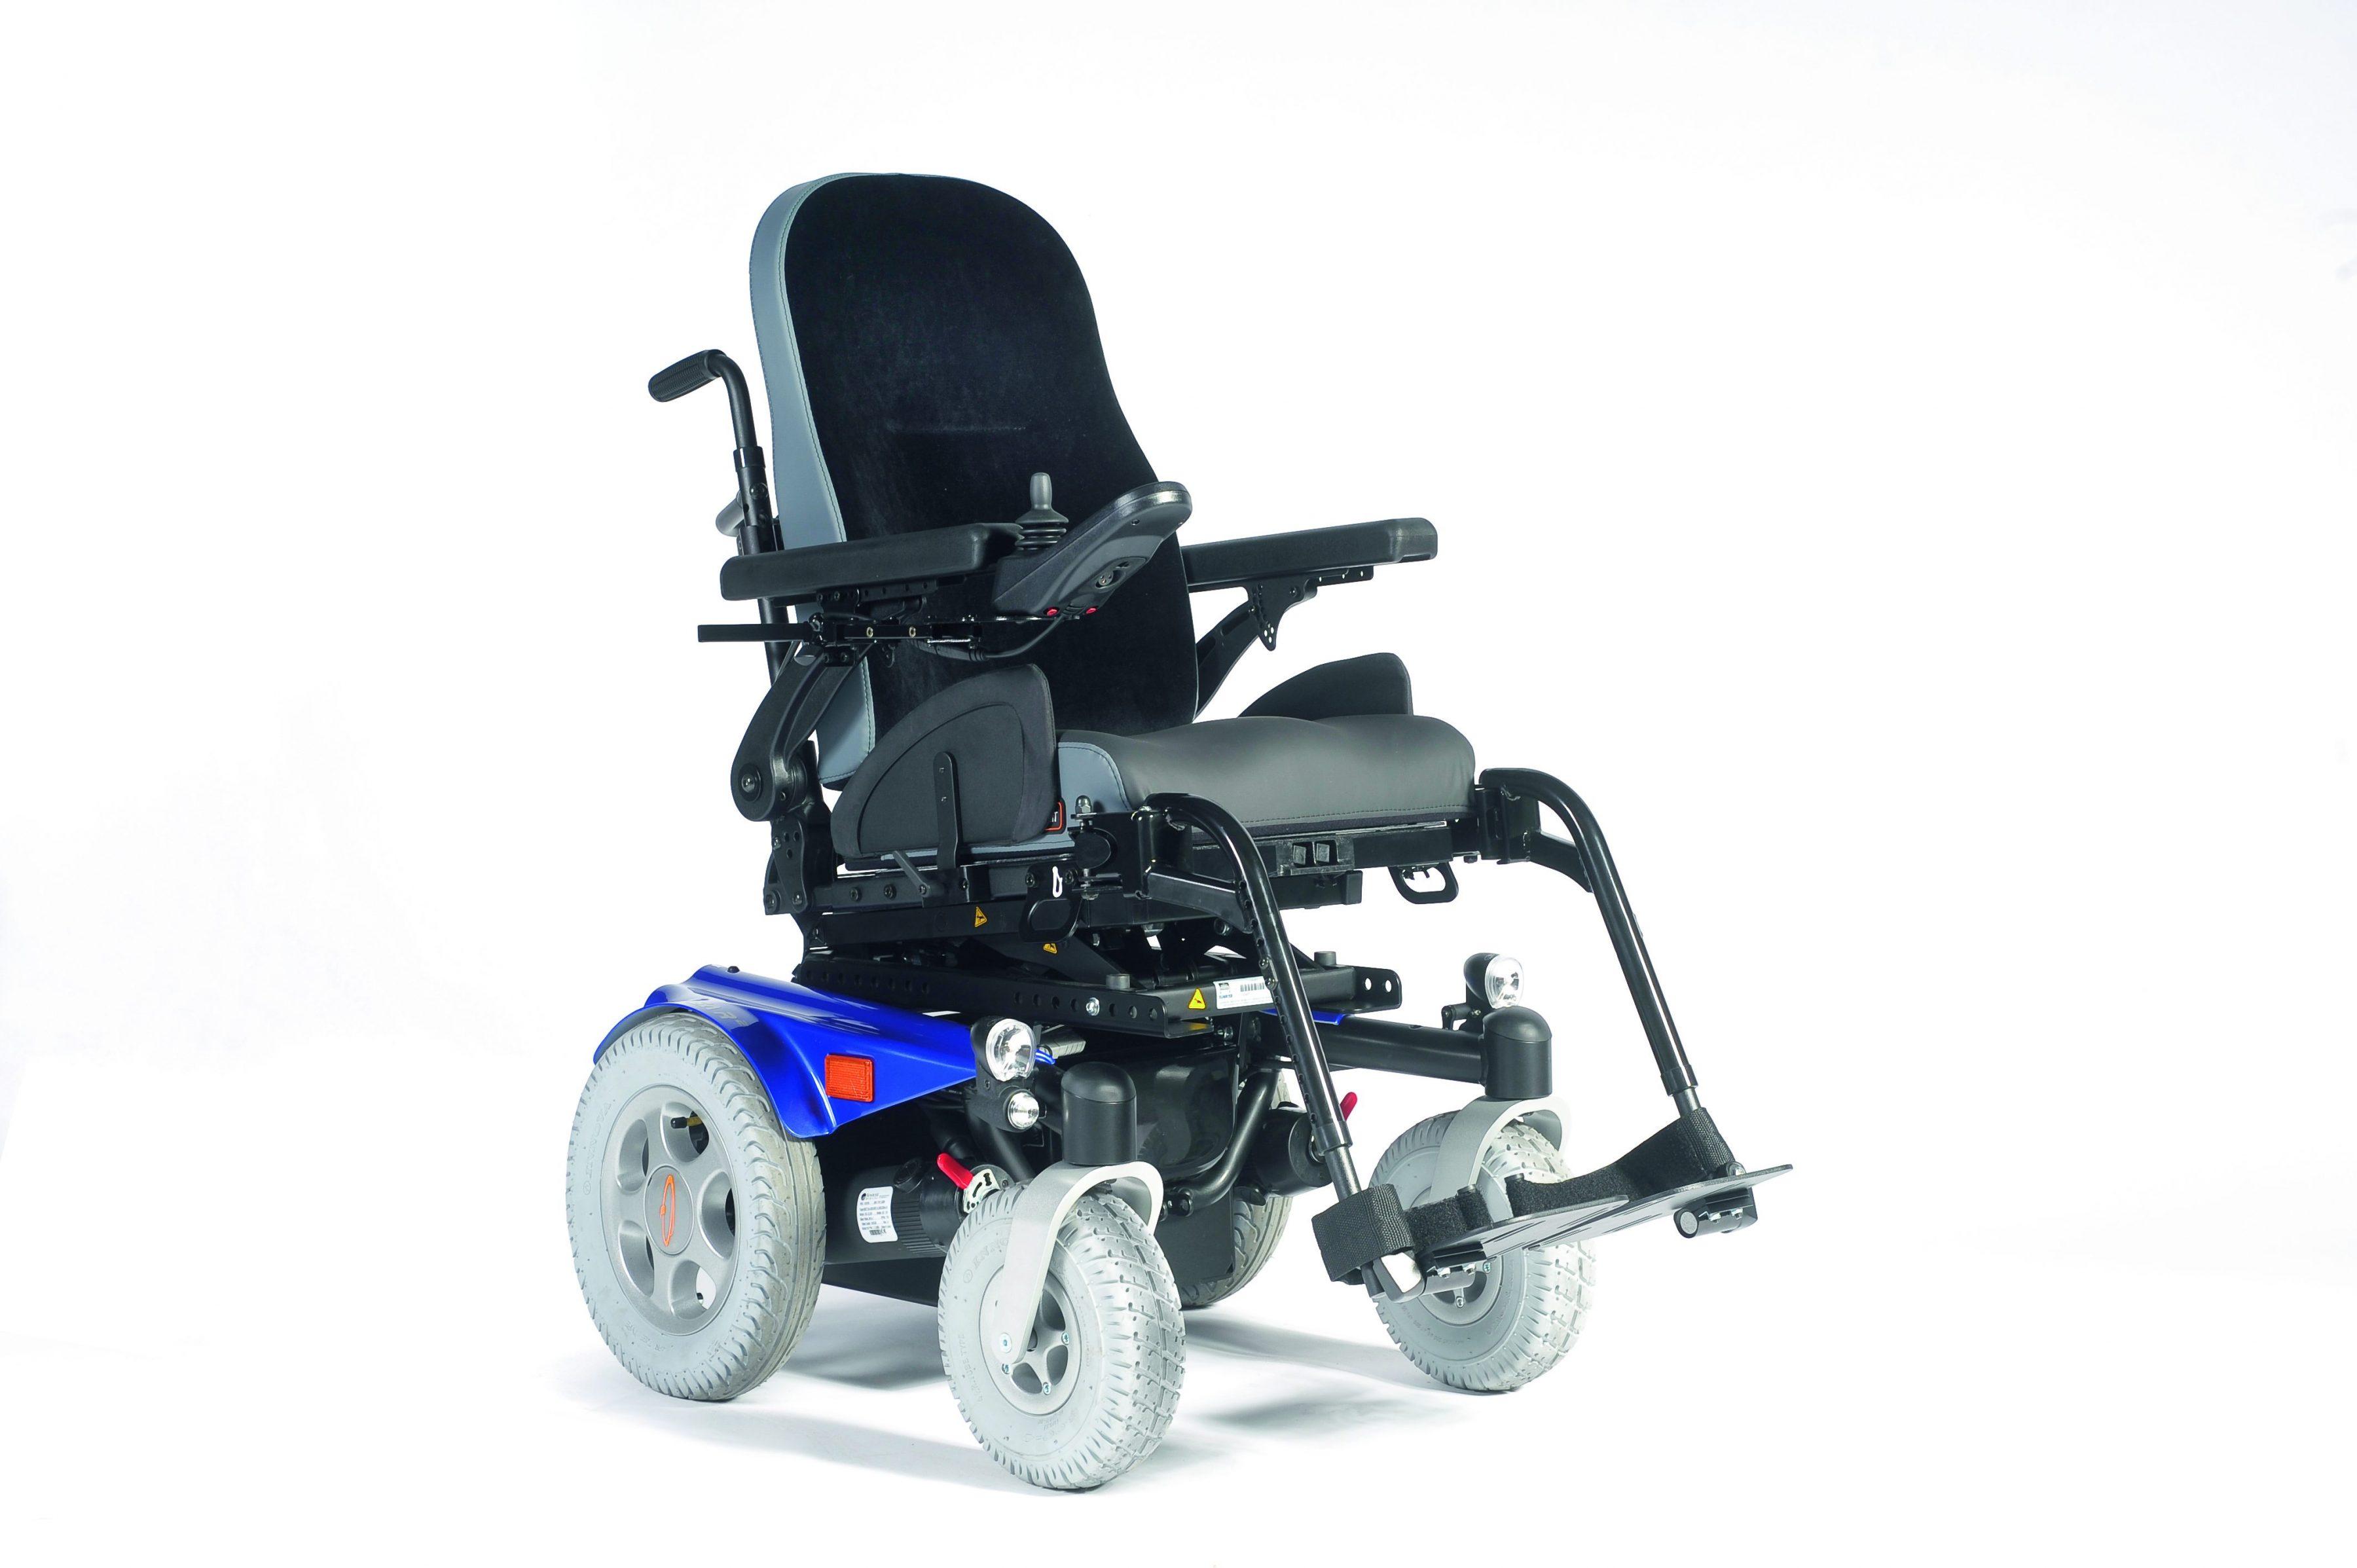 fauteuil roulant Quickie-Salsa-R2 matériel médical grenoble 2